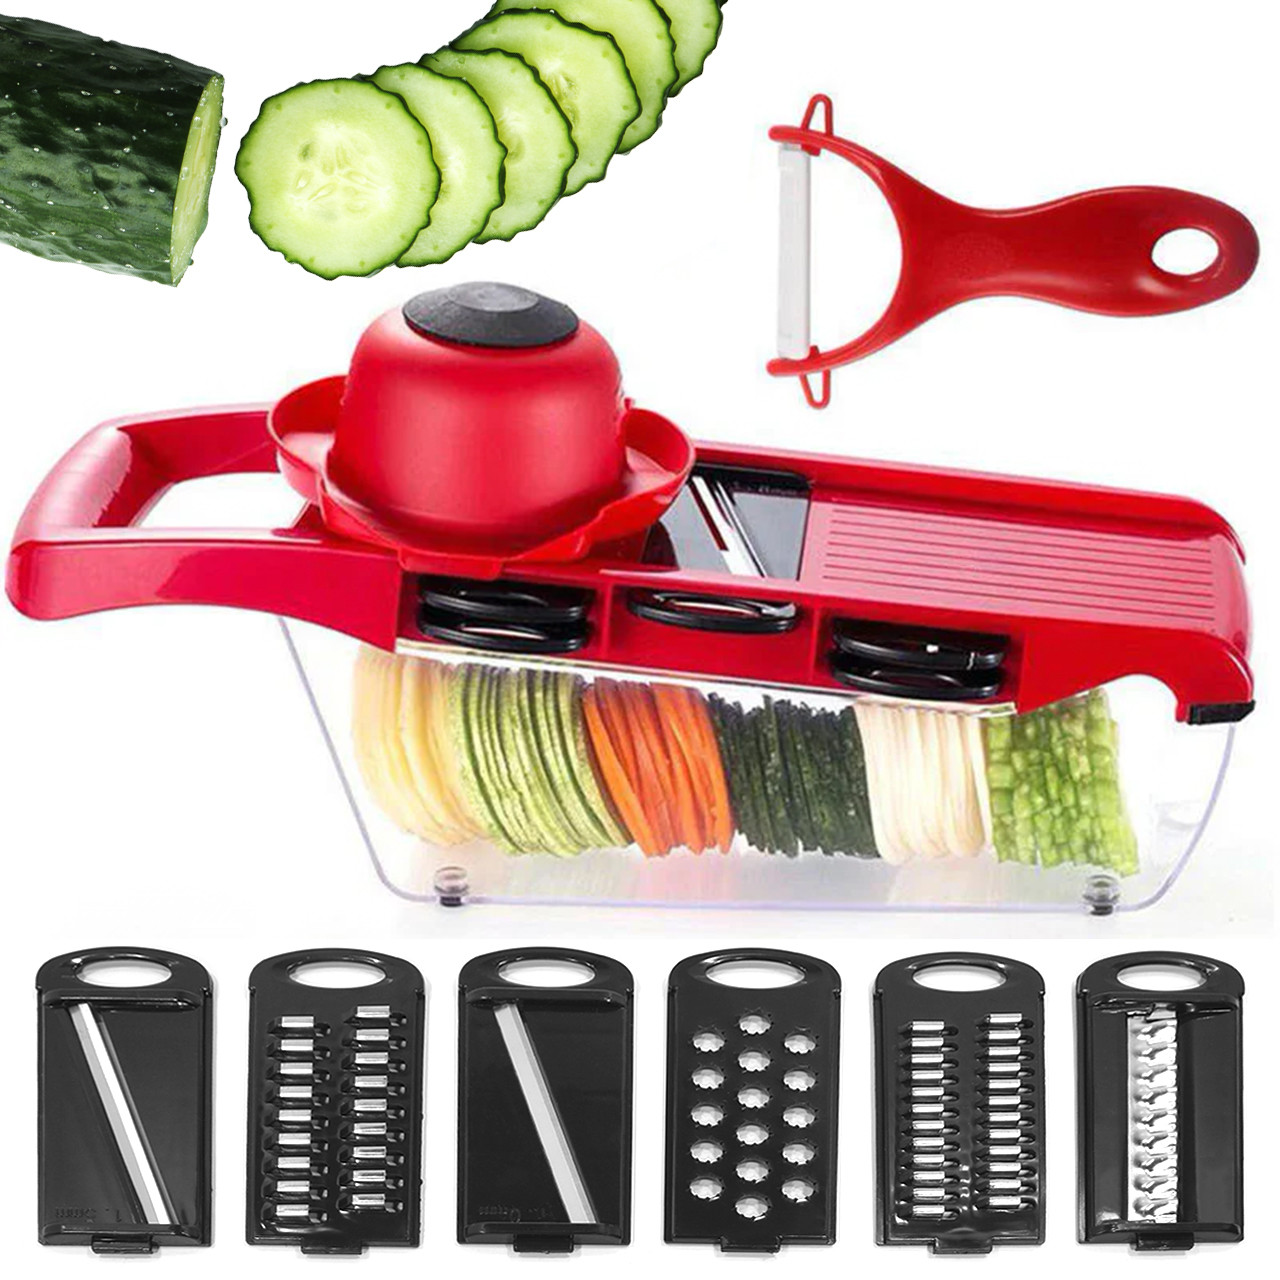 Овощерезка терка Mandoline Slicer 6 в 1 с контейнером для шинковки овощей фруктов